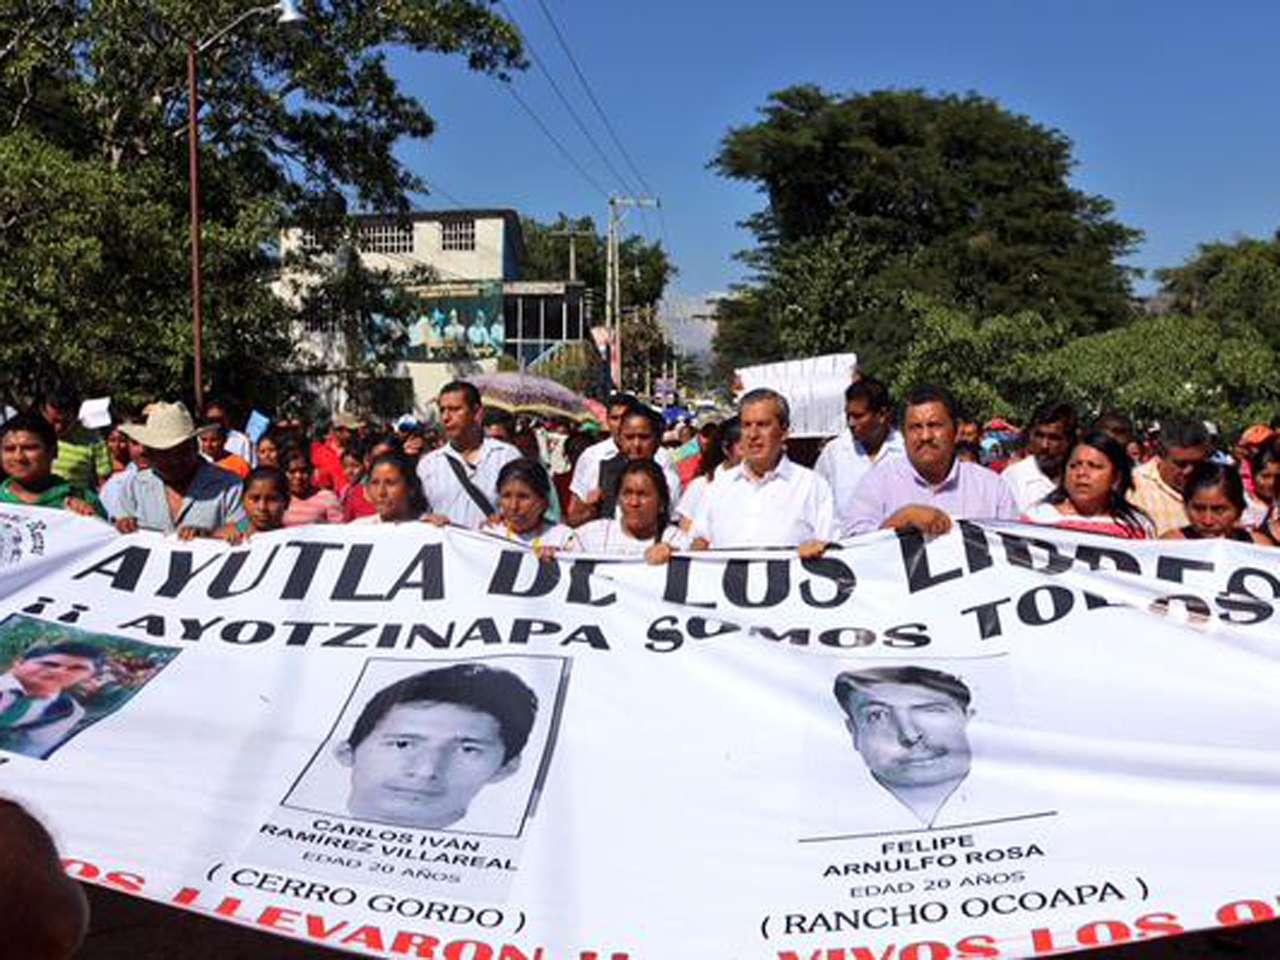 El Gobernador de Guerrero, Rogelio Ortega, marchó por calles del municipio de Ayutla de los Libres con los padres y familiares de los 43 normalistas de Ayotzinapa desaparecidos desde el pasado 26 de septiembre. Foto: @GobOrtega